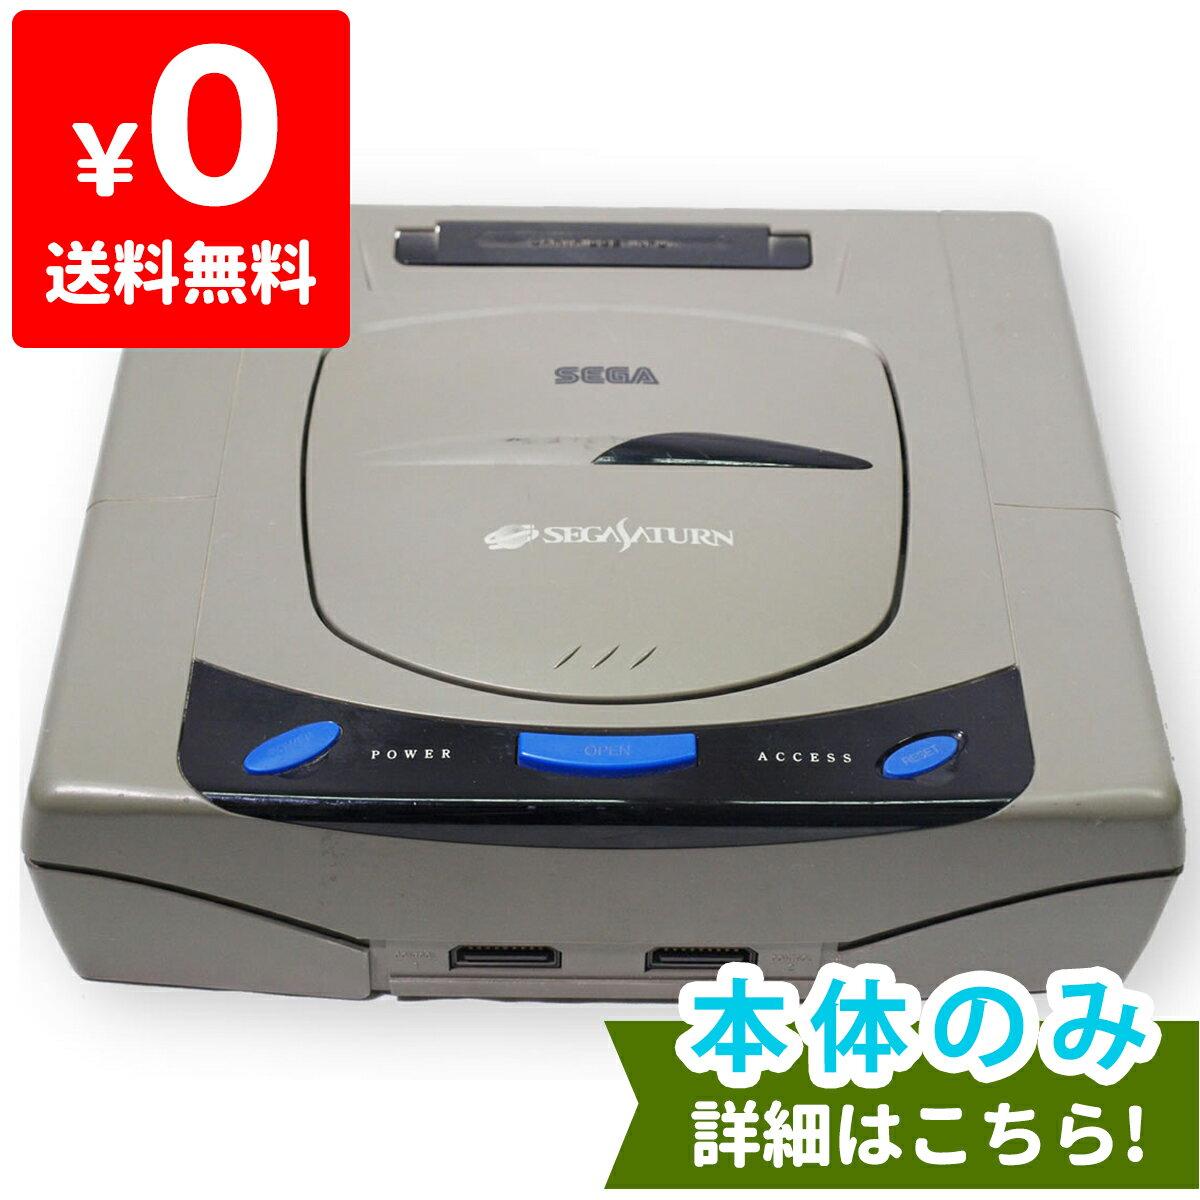 テレビゲーム, セガサターン  SS SEGA SATURN SS 4974365000011